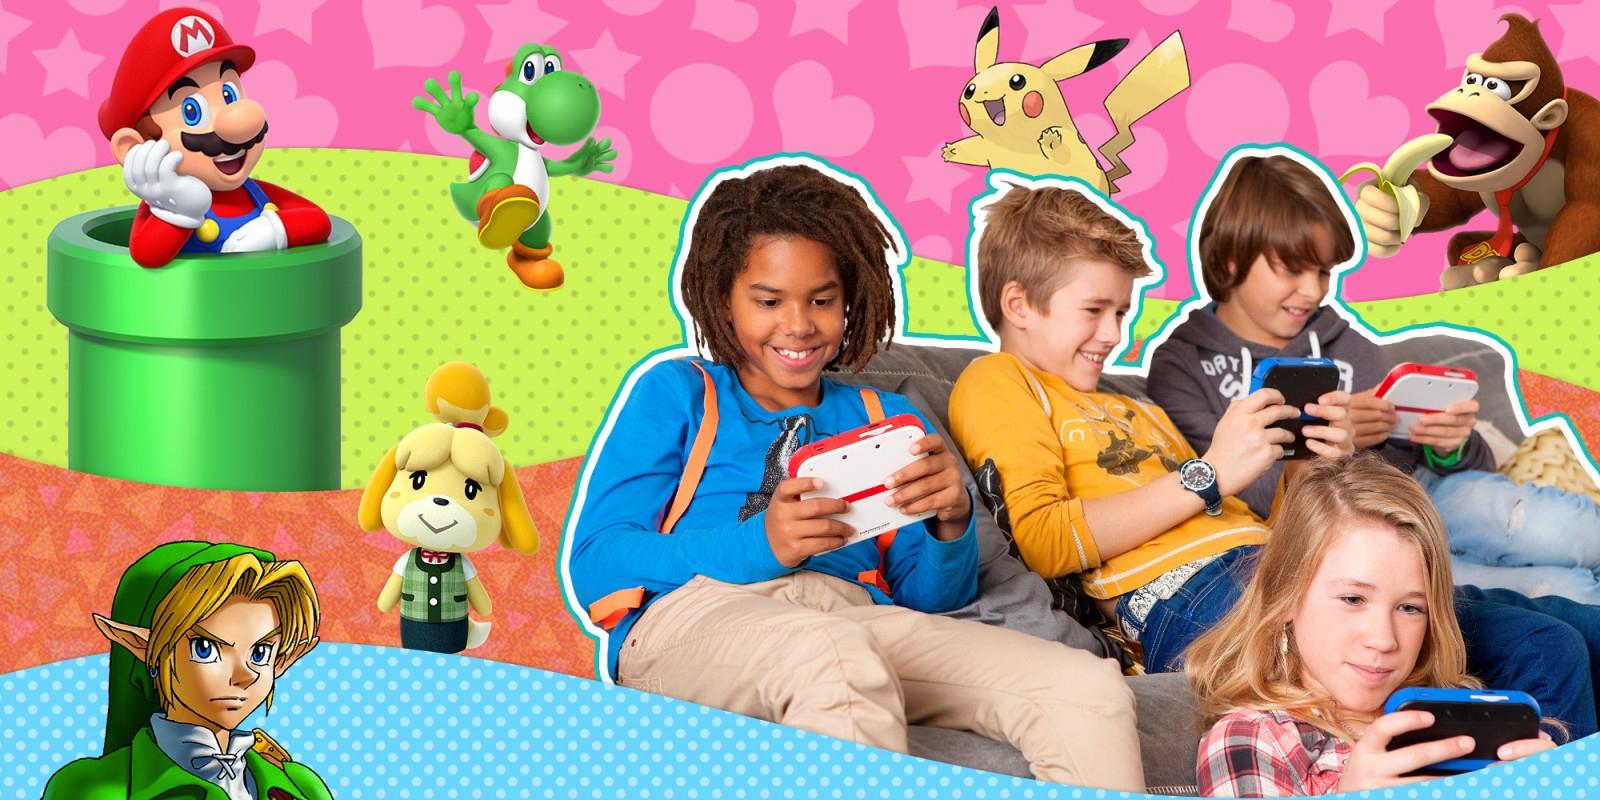 Jeux Nintendo Pour Les Enfants | Nintendo tout Jeux Educatif Gratuit 6 Ans